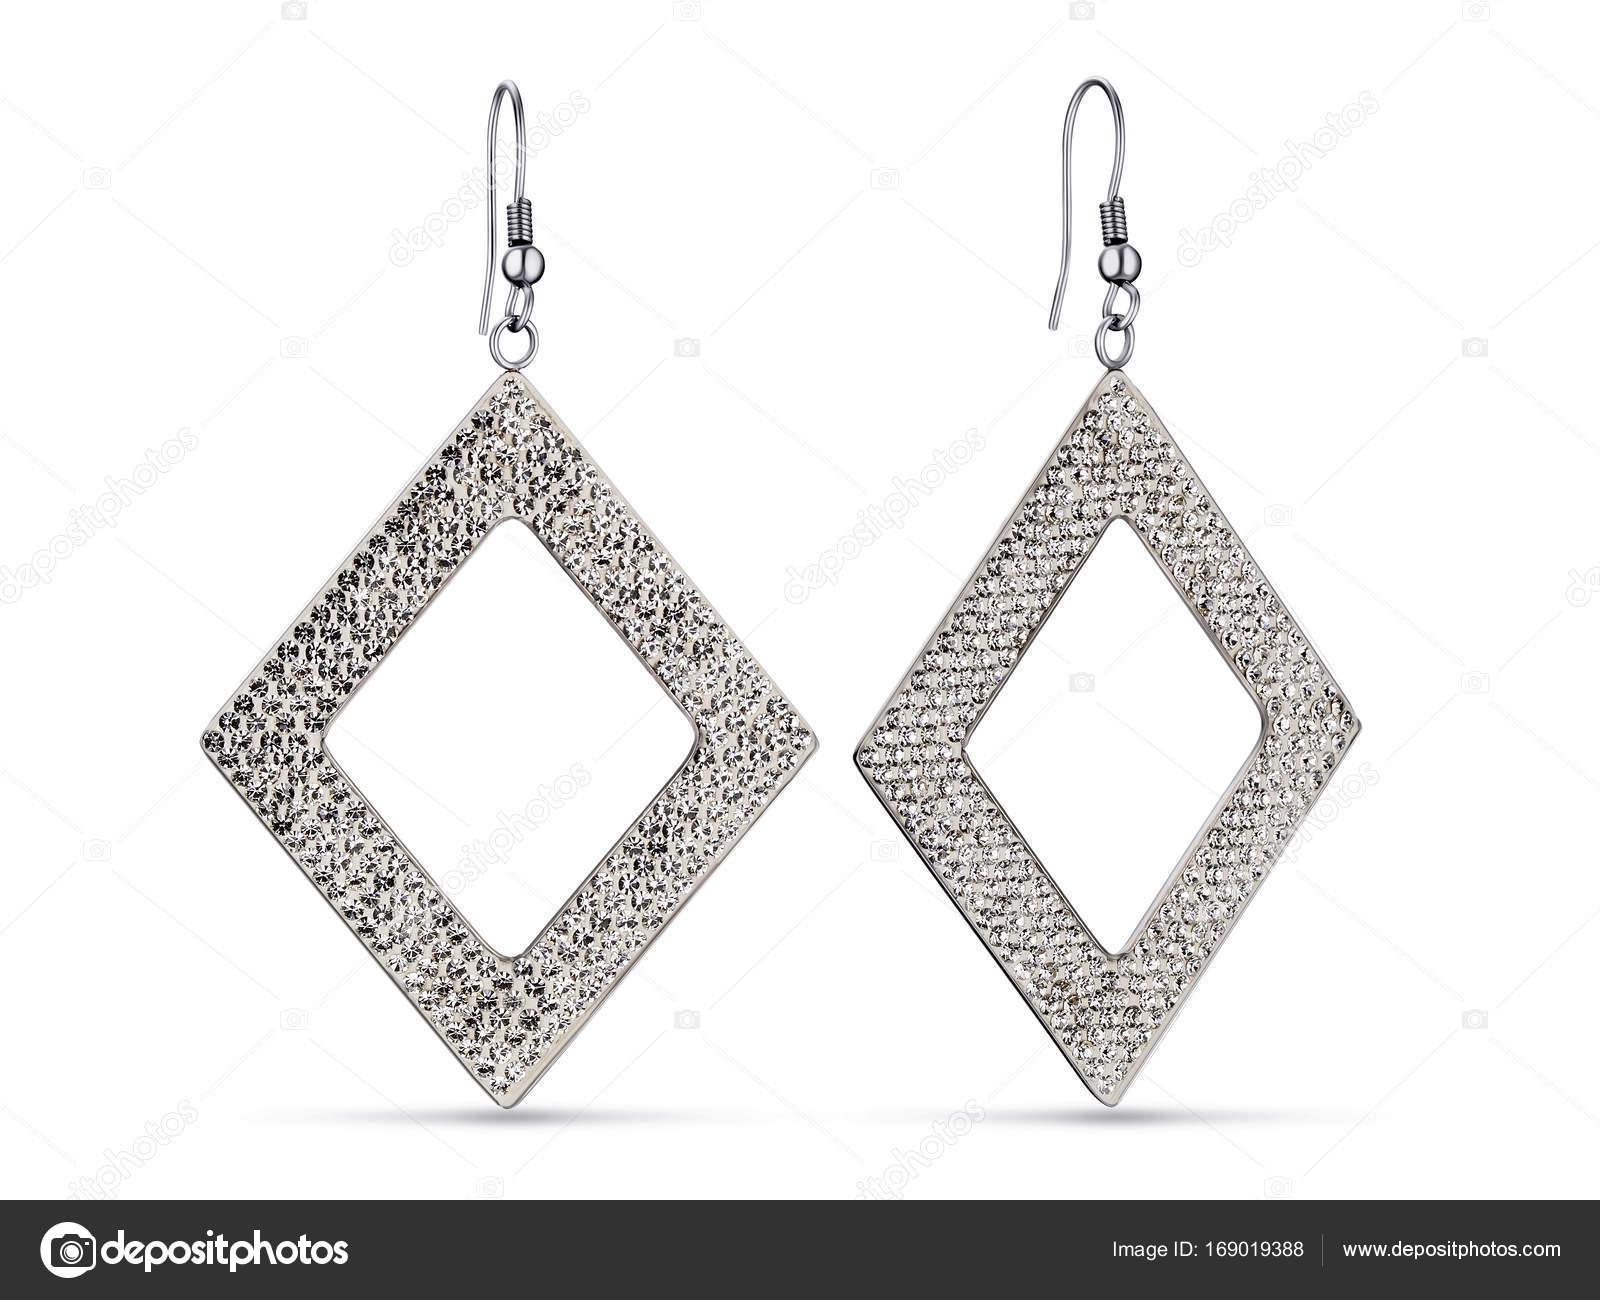 c68d21d8224a Forma de rombo de hermosos aretes de plata — Fotos de Stock ...